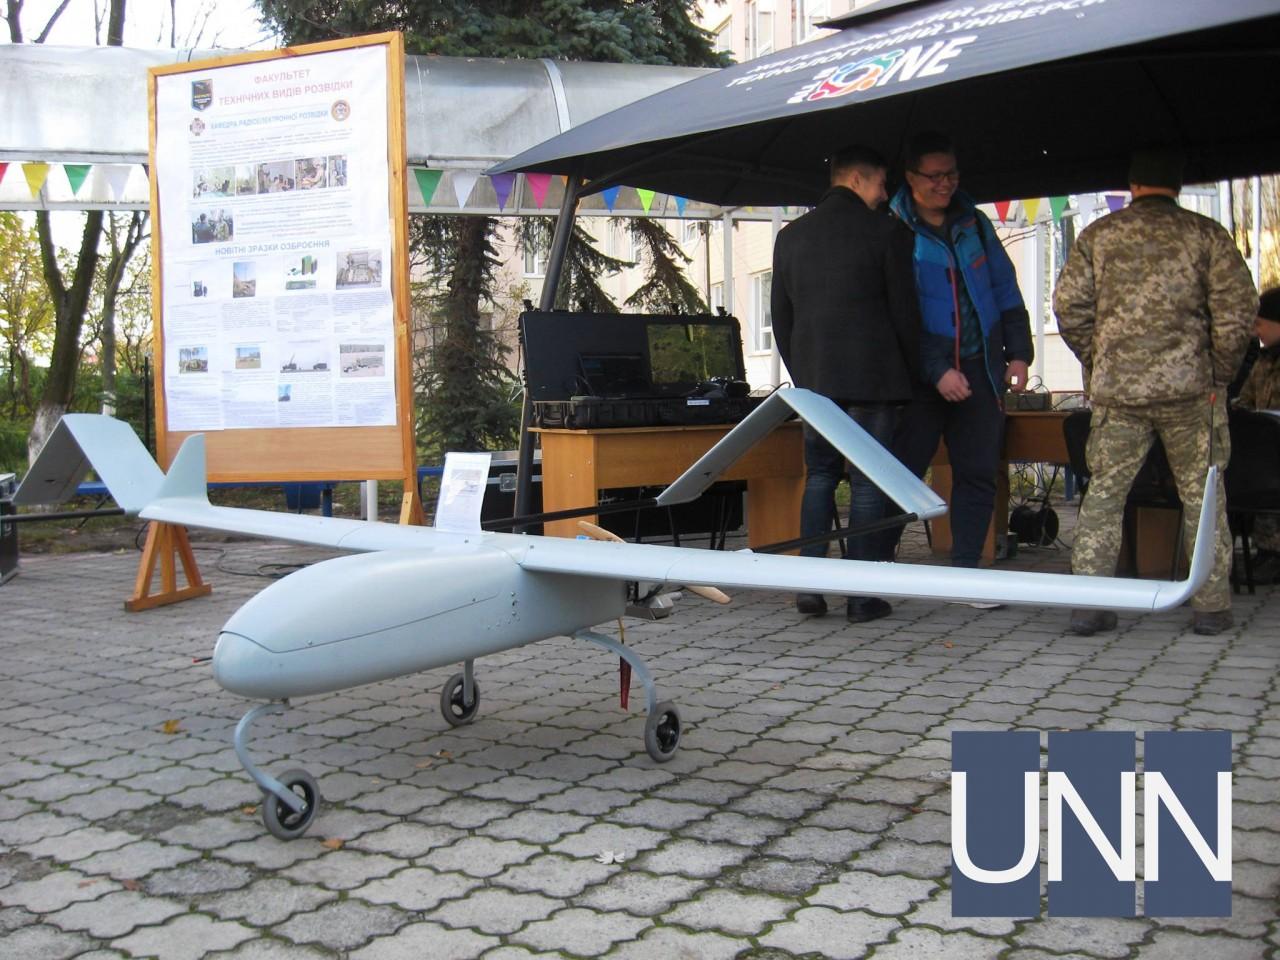 В Житомире состоялся научно-технический фестиваль SpaceTechFest